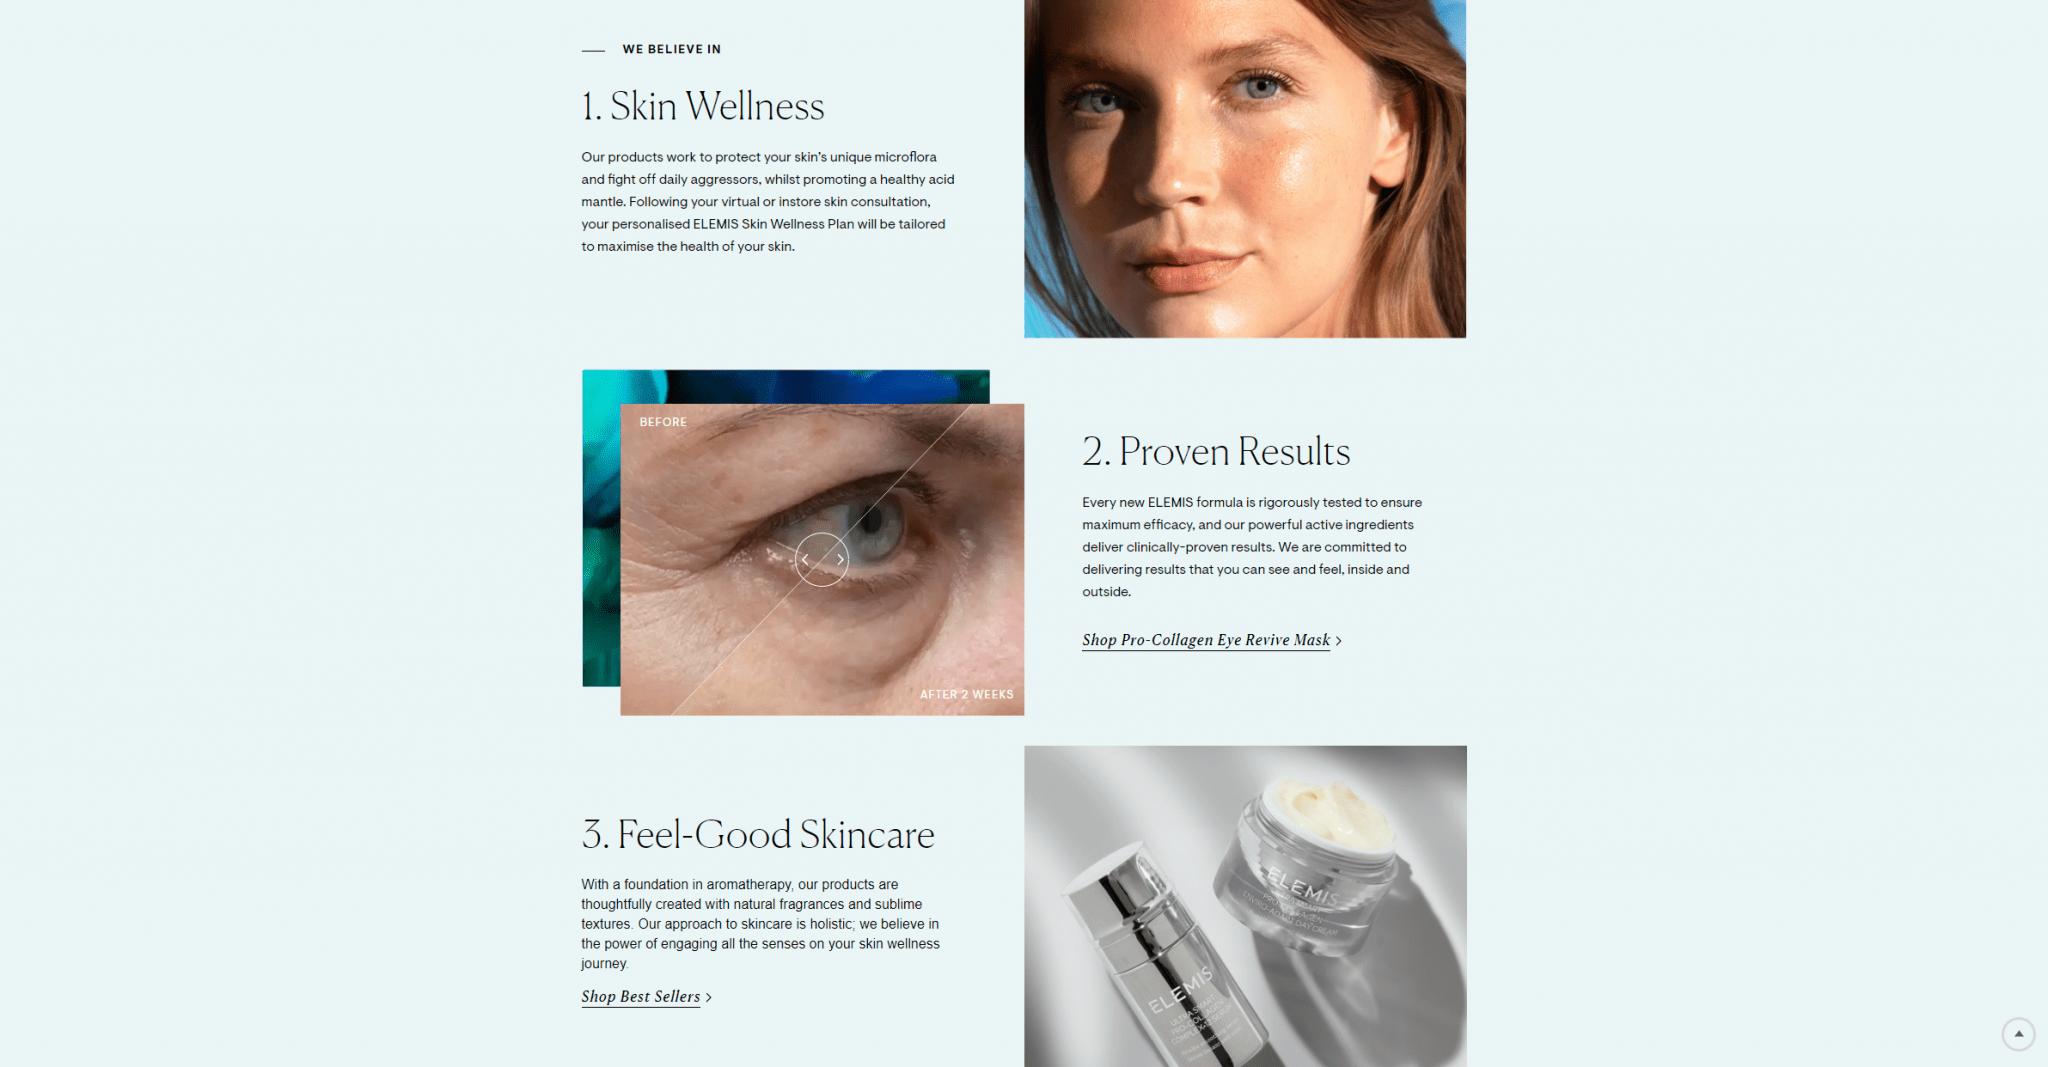 https___us.elemis.com_ ELEMIS US – Luxury Skincare and Body Care – Official Site_003